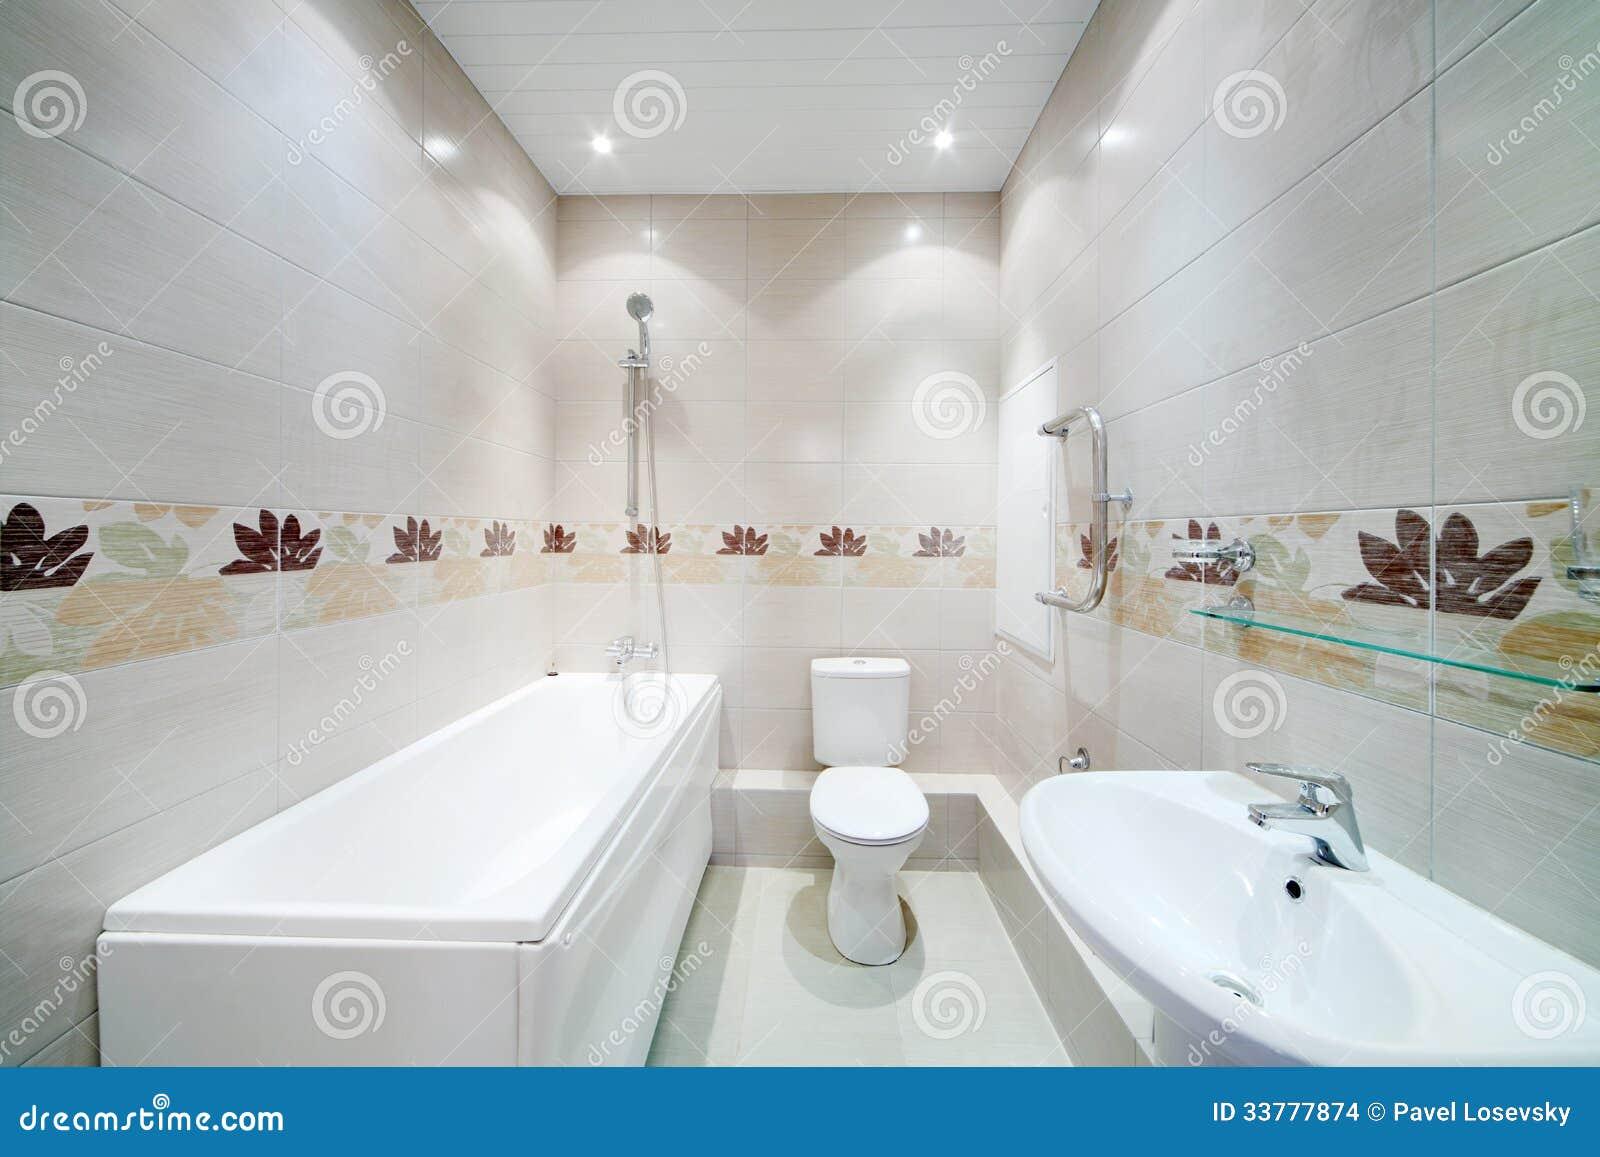 Badkamer Grijze Tegels : Schone badkamers met toilet met eenvoudige grijze tegels stock foto